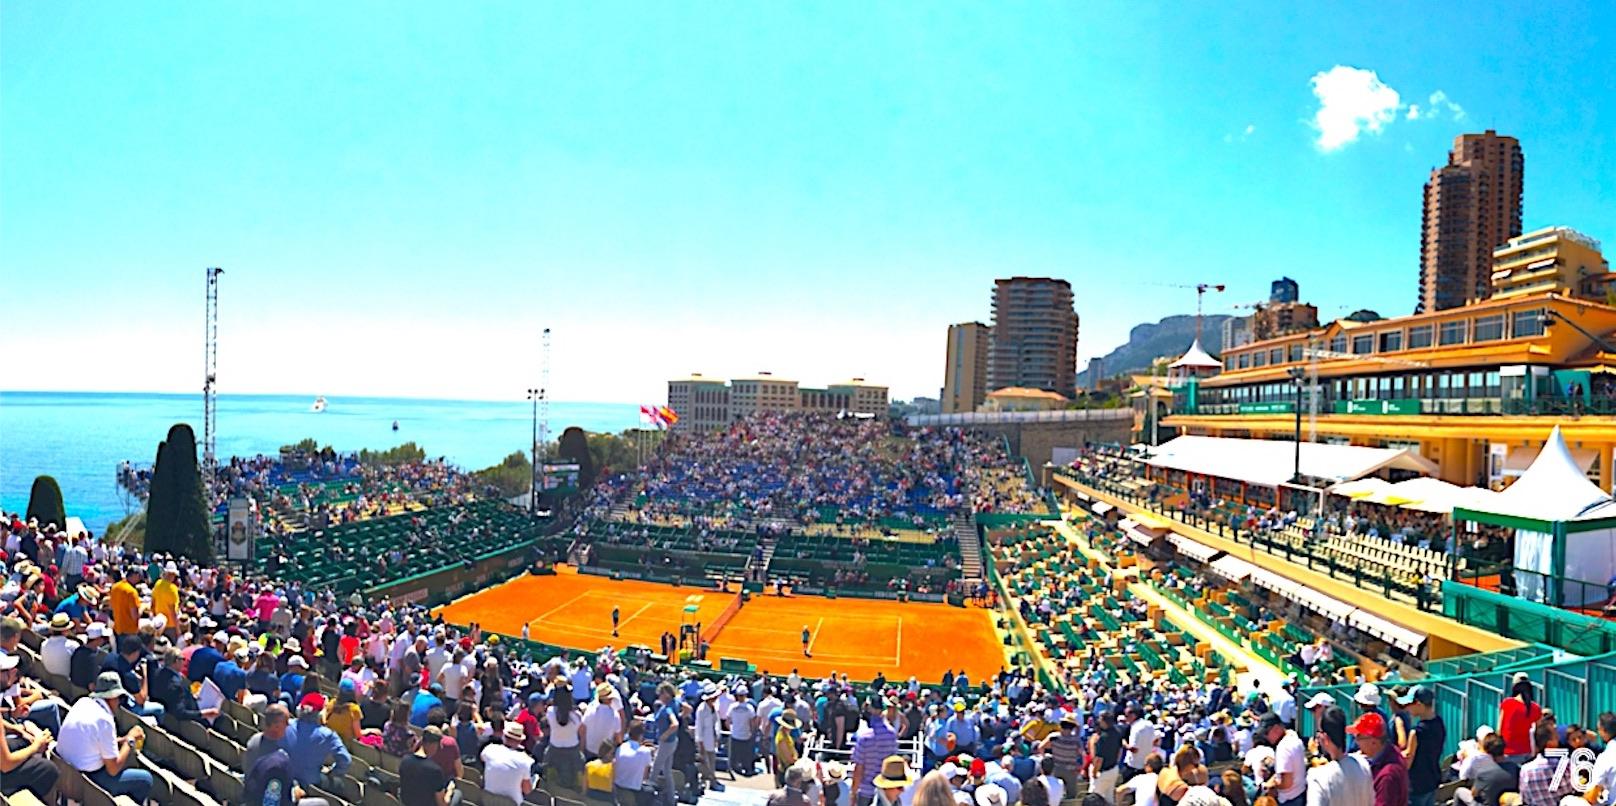 La fiera tradizione nordamericana di saltare Monte Carlo - settesei.it